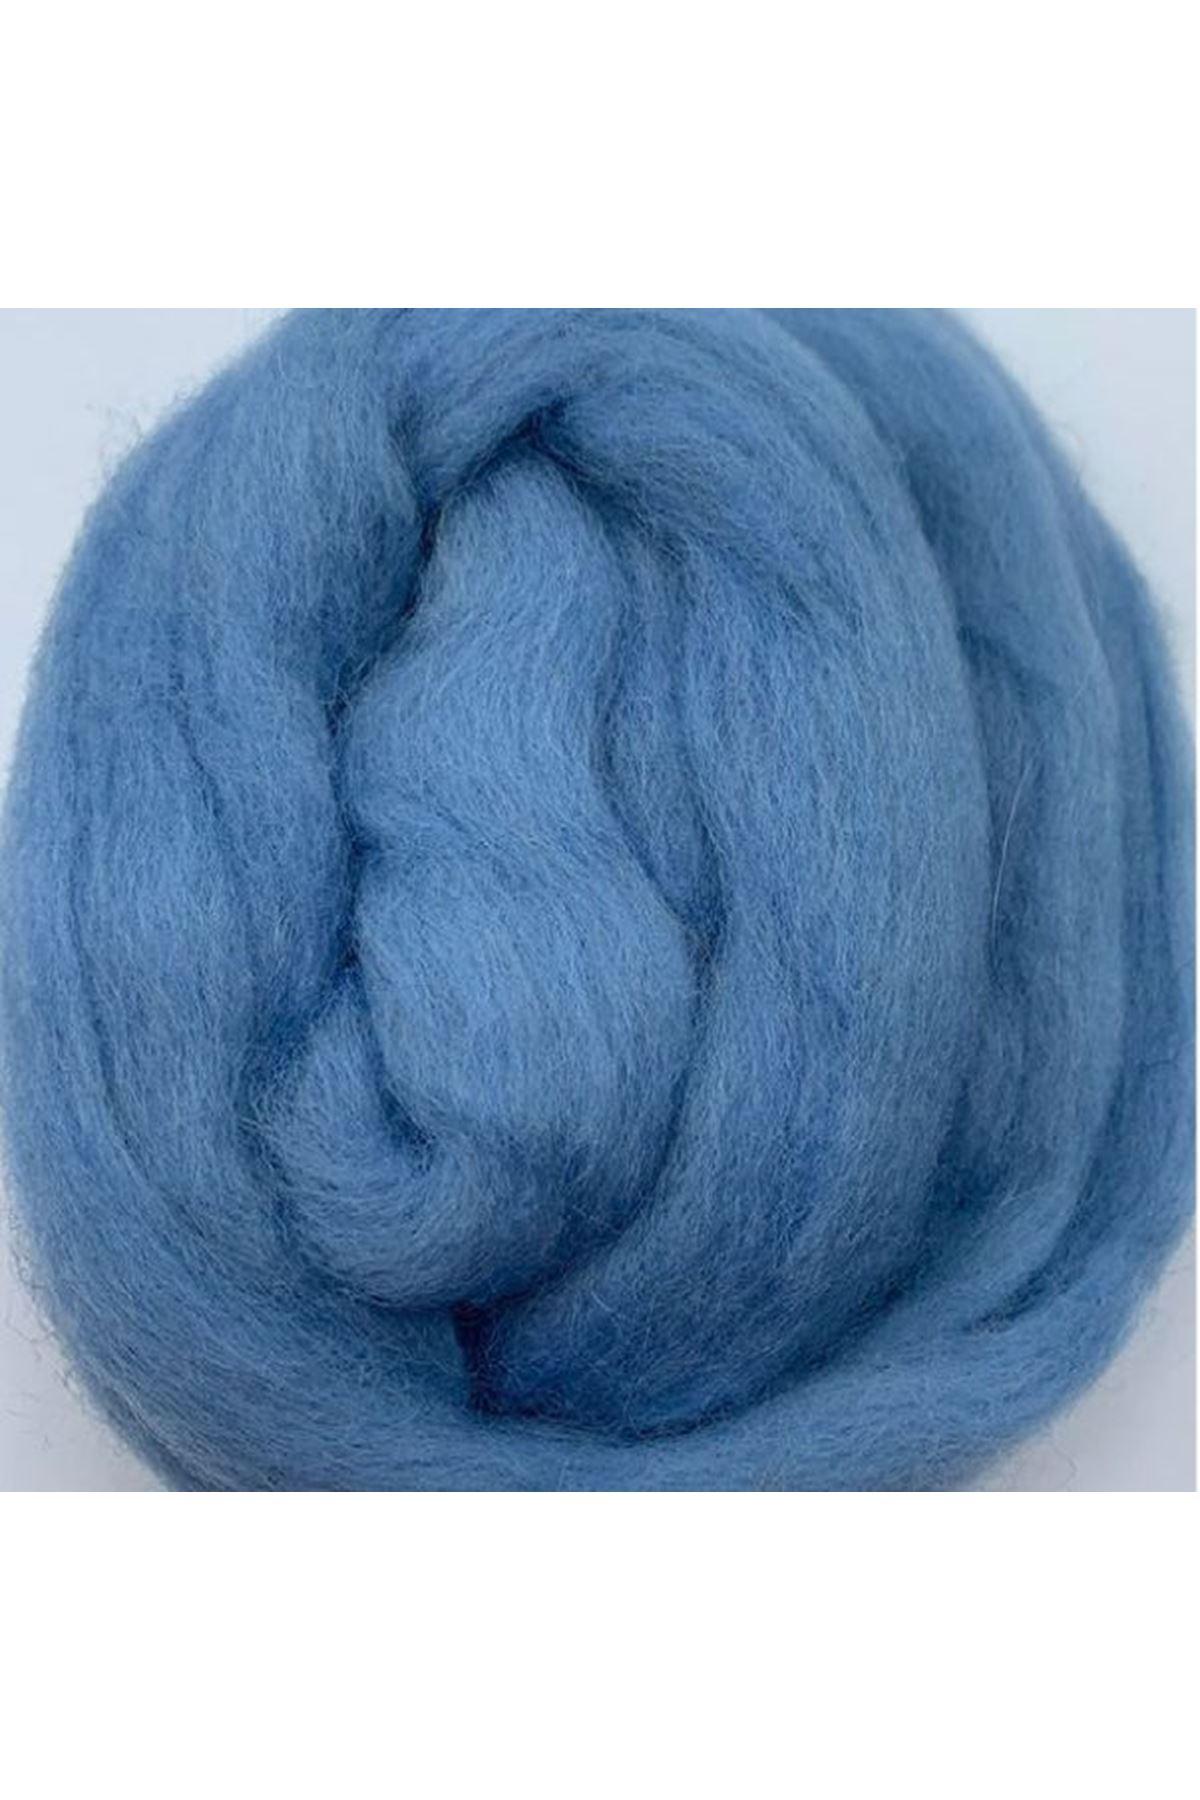 Saf Yün Keçe 25 gram 1 metre - Mavi